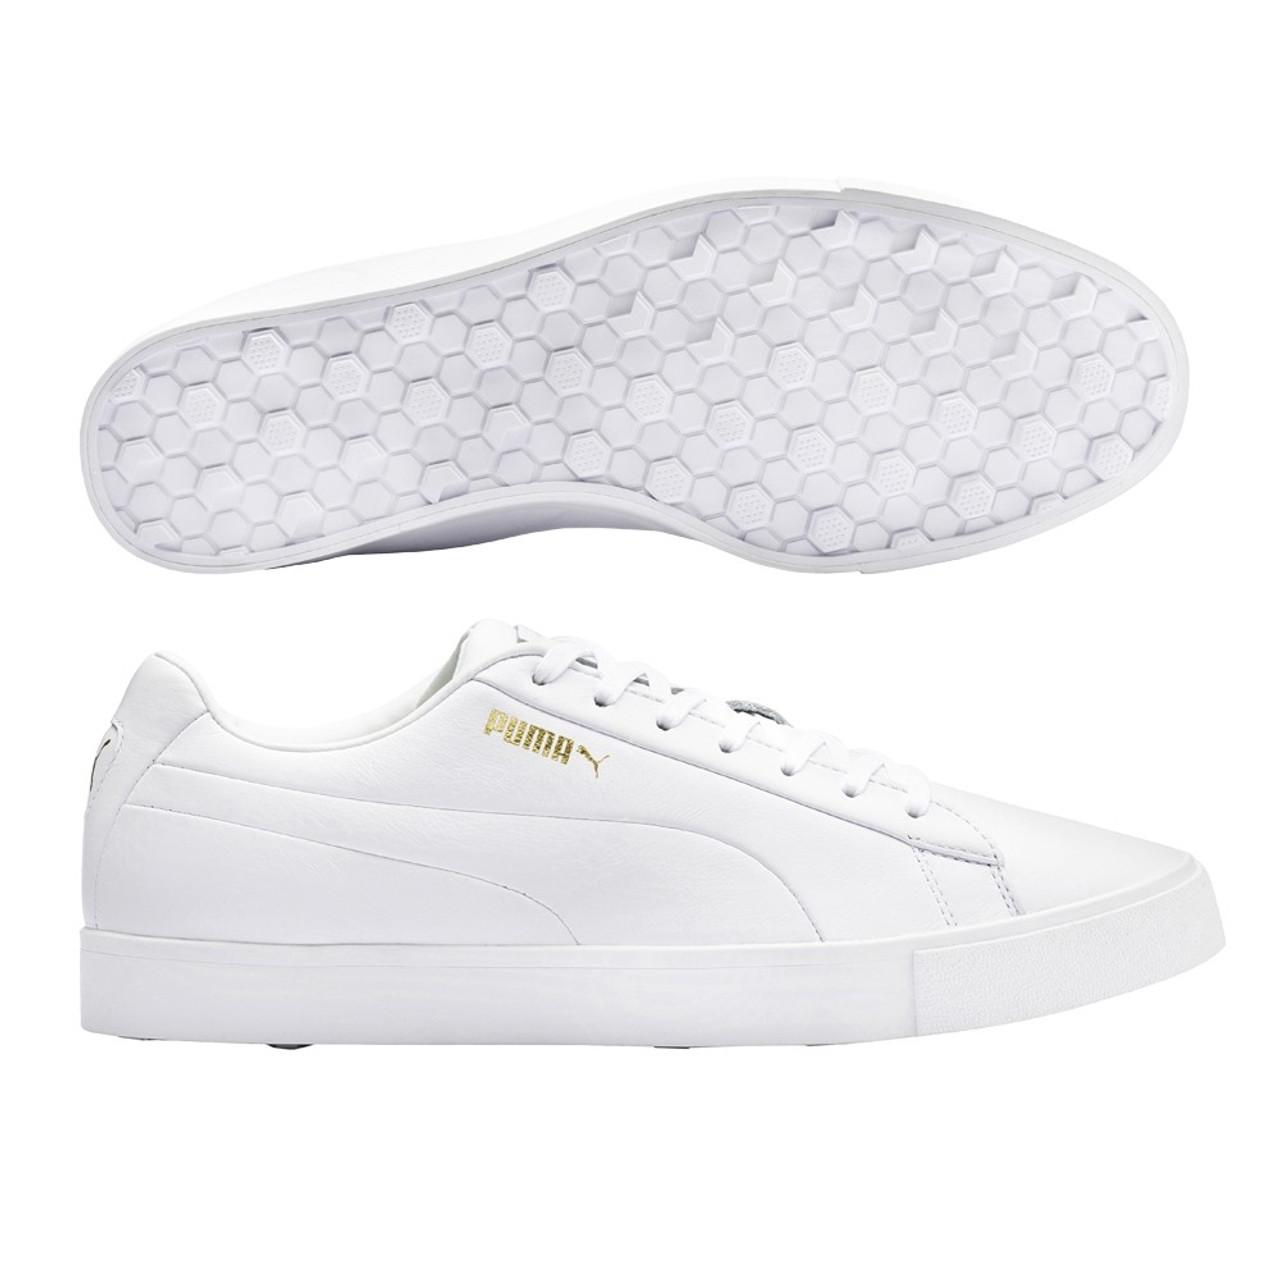 Puma Original G Golf Shoes - White